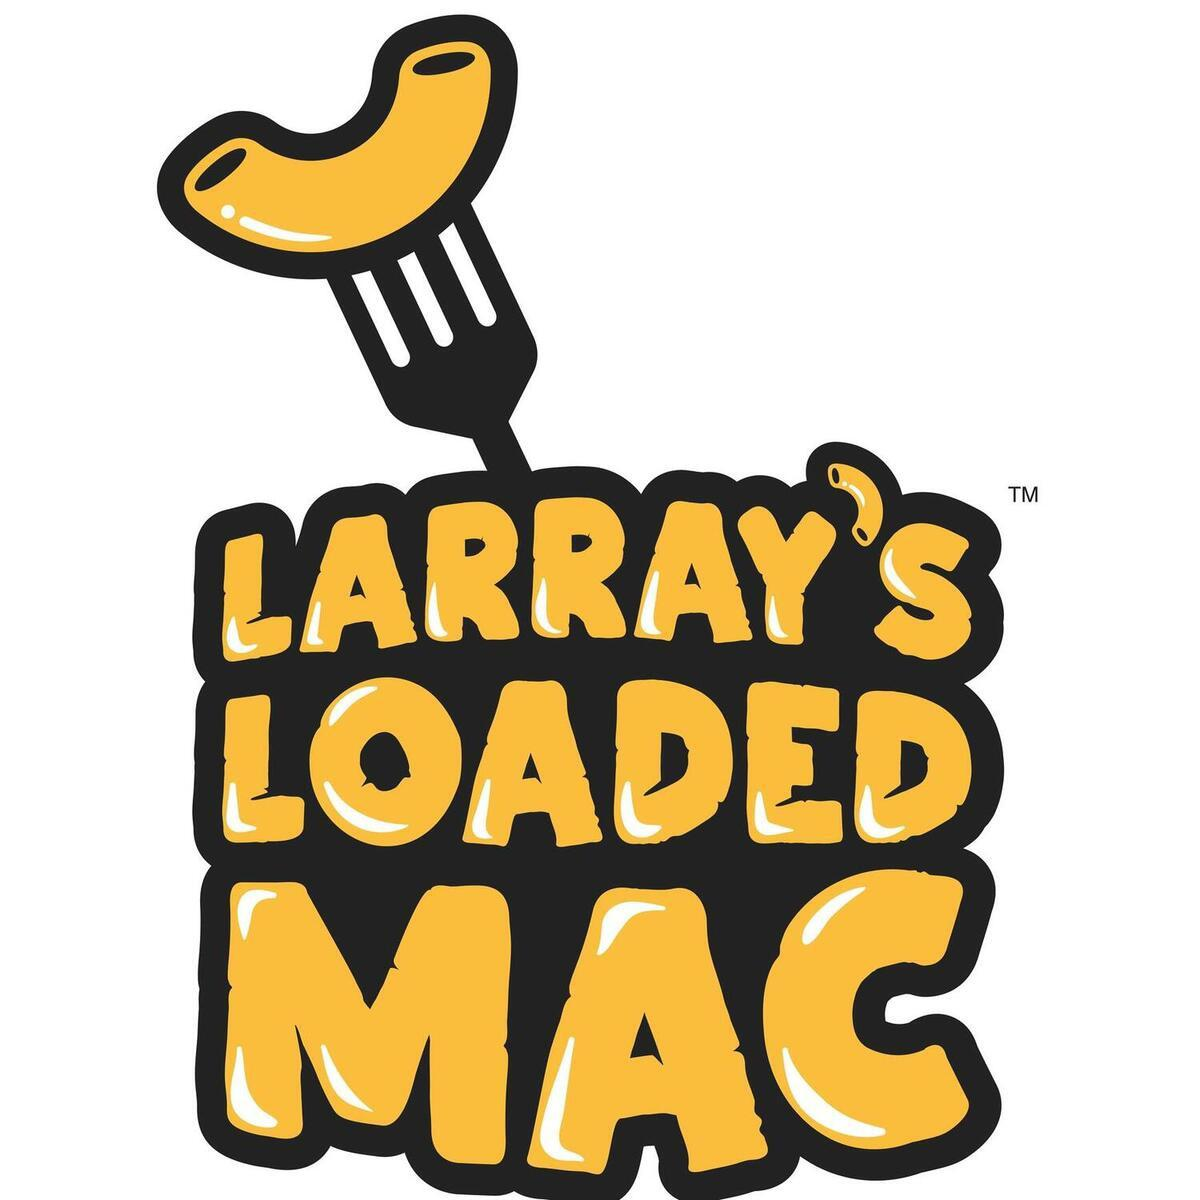 Larray's Loaded Mac